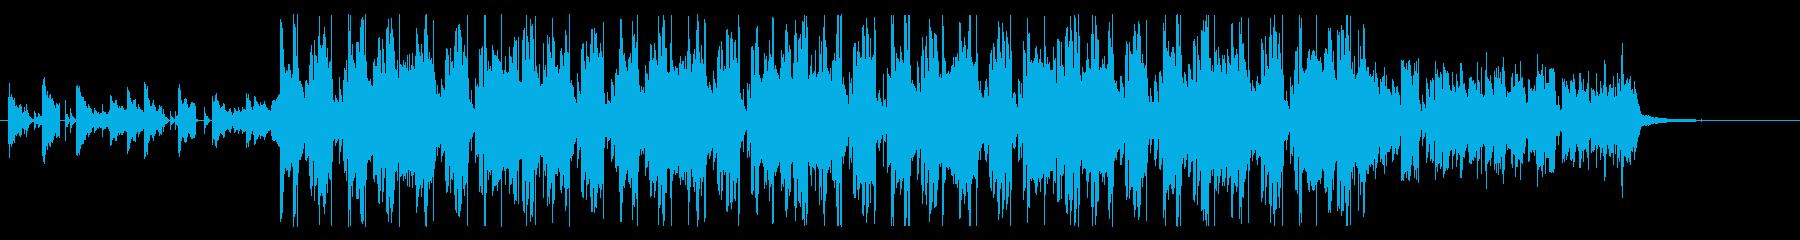 洋楽ポップ、アコギ、ムード、トラップの再生済みの波形